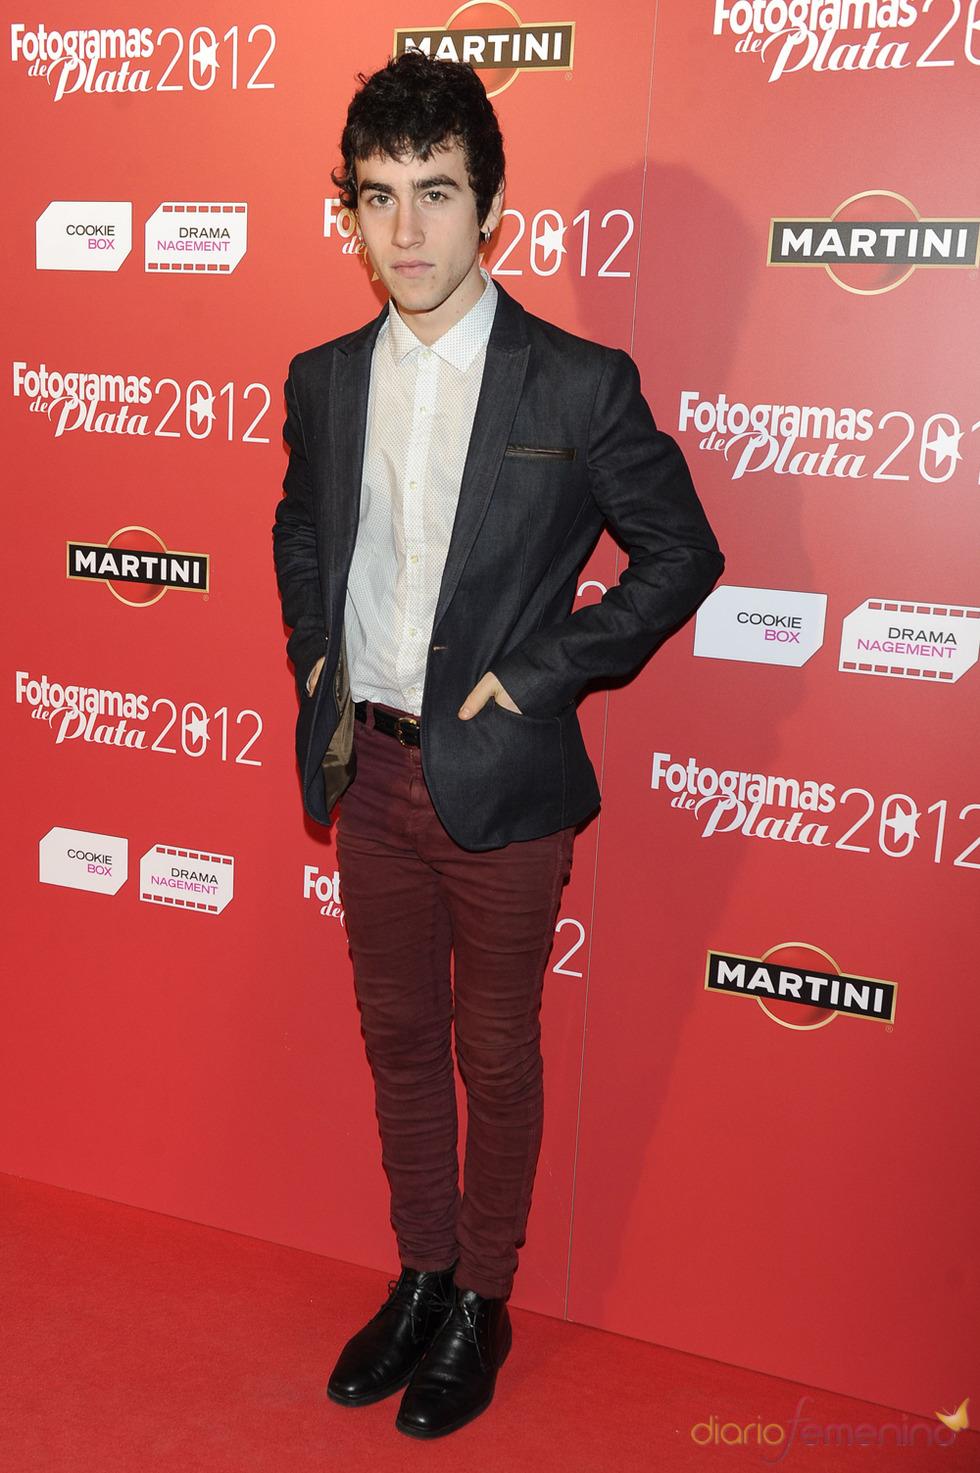 Álex Monner en la alfombra roja de los Fotogramas 2012